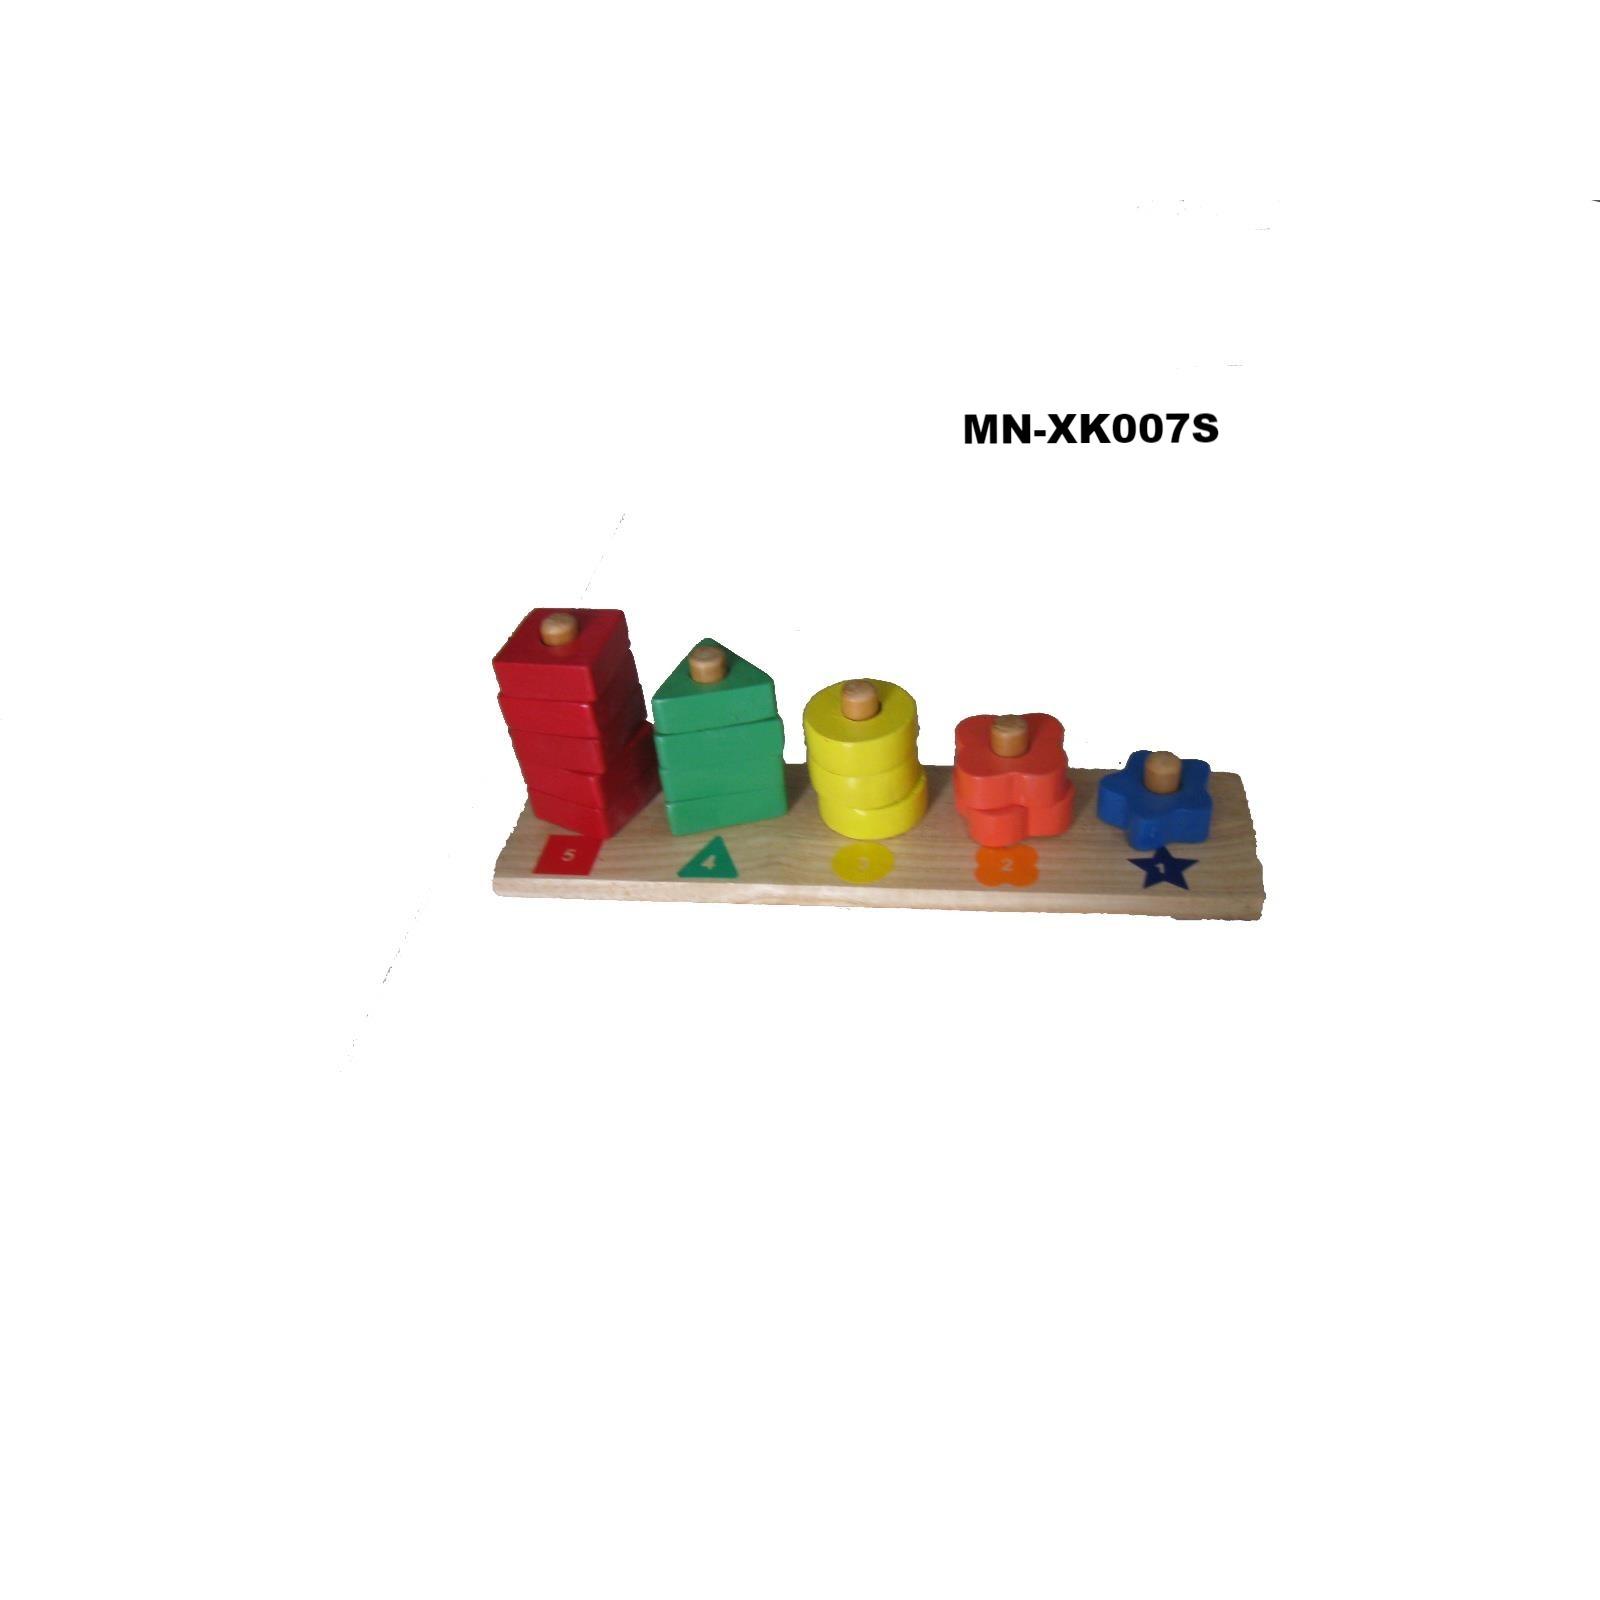 MN-XK007S - Học đếm đến 5 ( xếp đa hình qua lổ giảm dần)